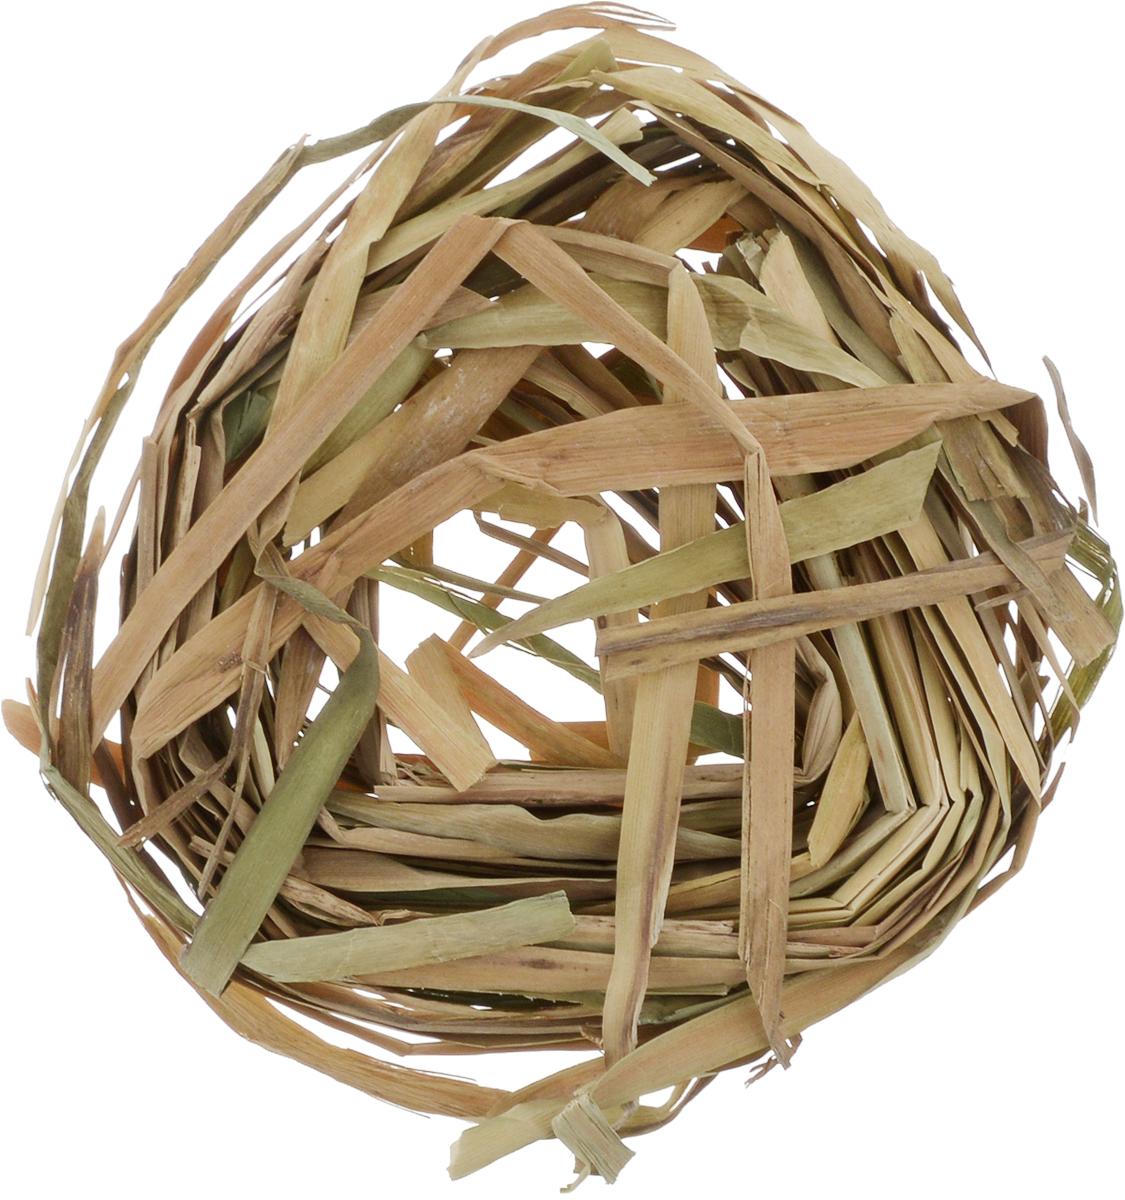 Элемент декоративный Промысел Рогоз для плетенияРдп-1Декоративный элемент Промысел Рогоз для плетения применяется для плетения сумок, коробок, подносов, подставок под горячее и различных декоративных изделий. Вес: 50 г.